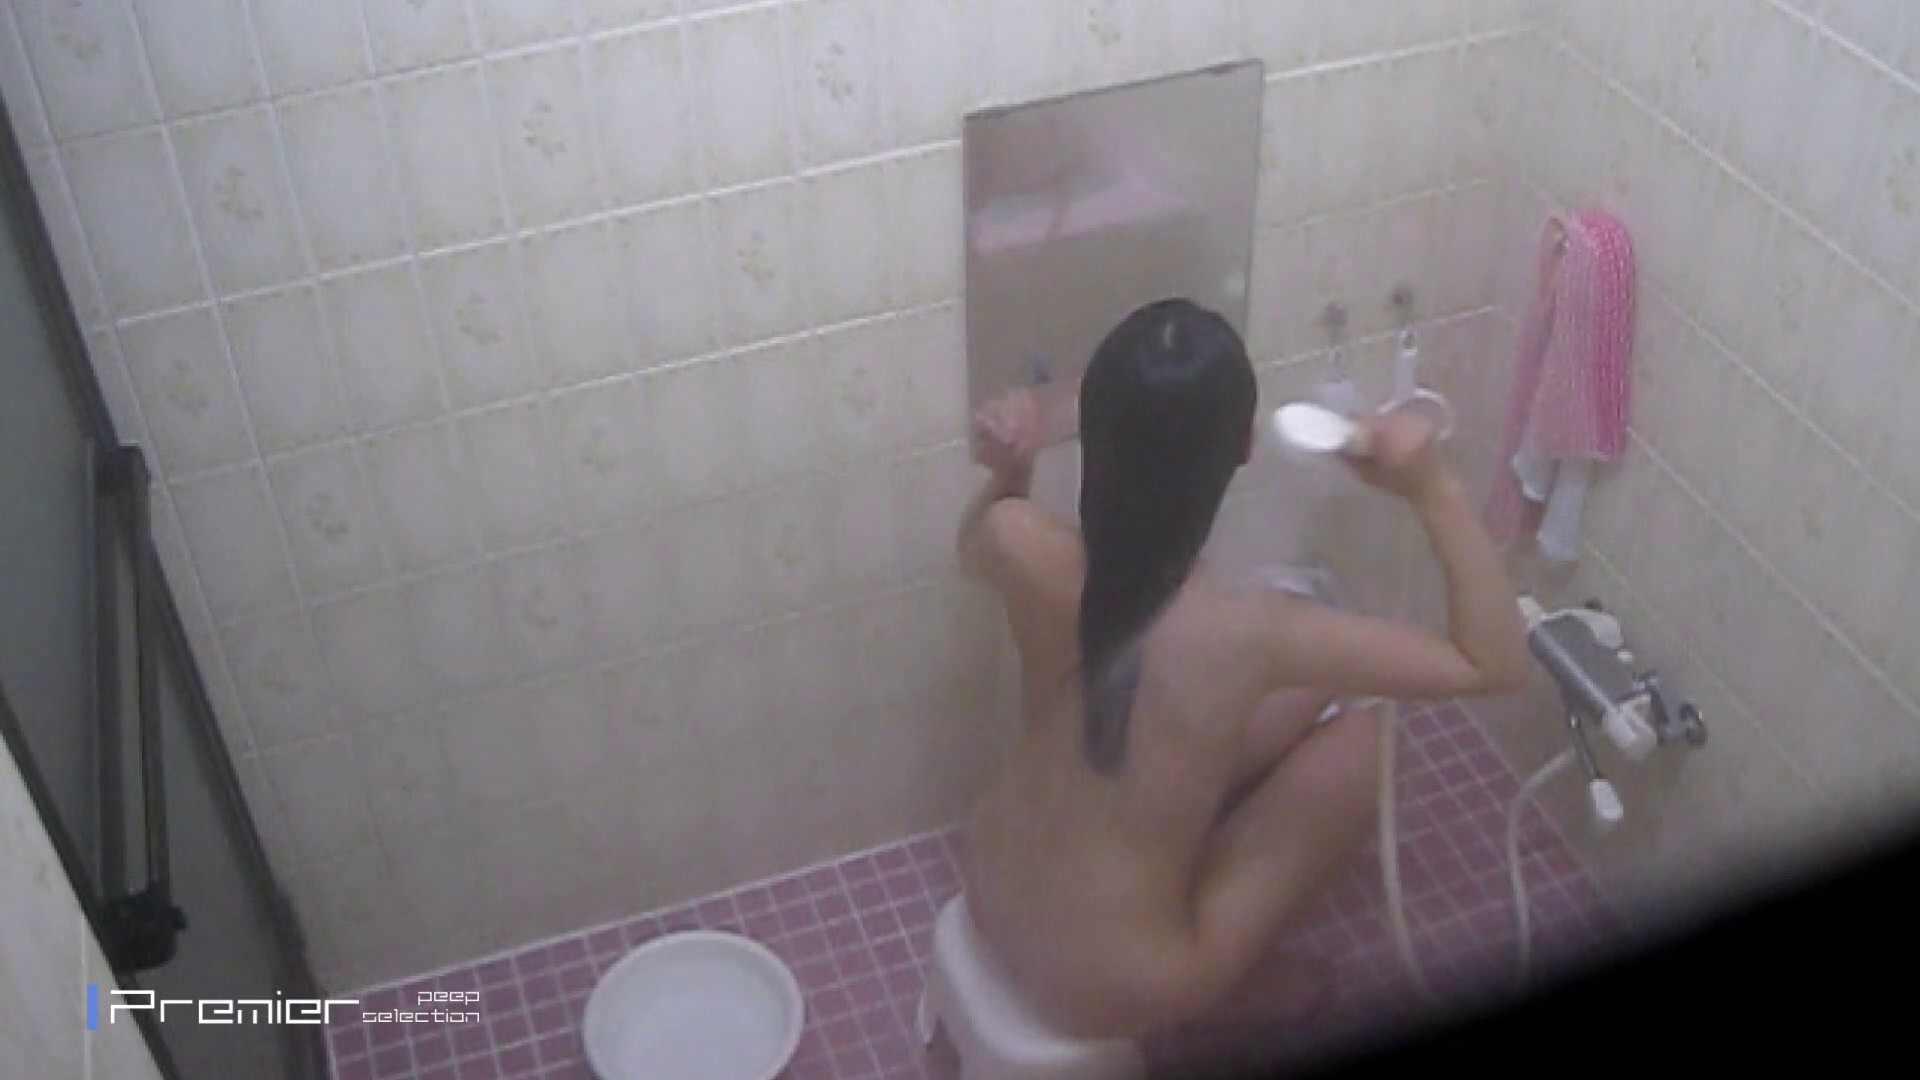 鏡に写る美女バレ盗撮 乙女の風呂場 Vol.10 乙女だって。。。 AV動画キャプチャ 86画像 40